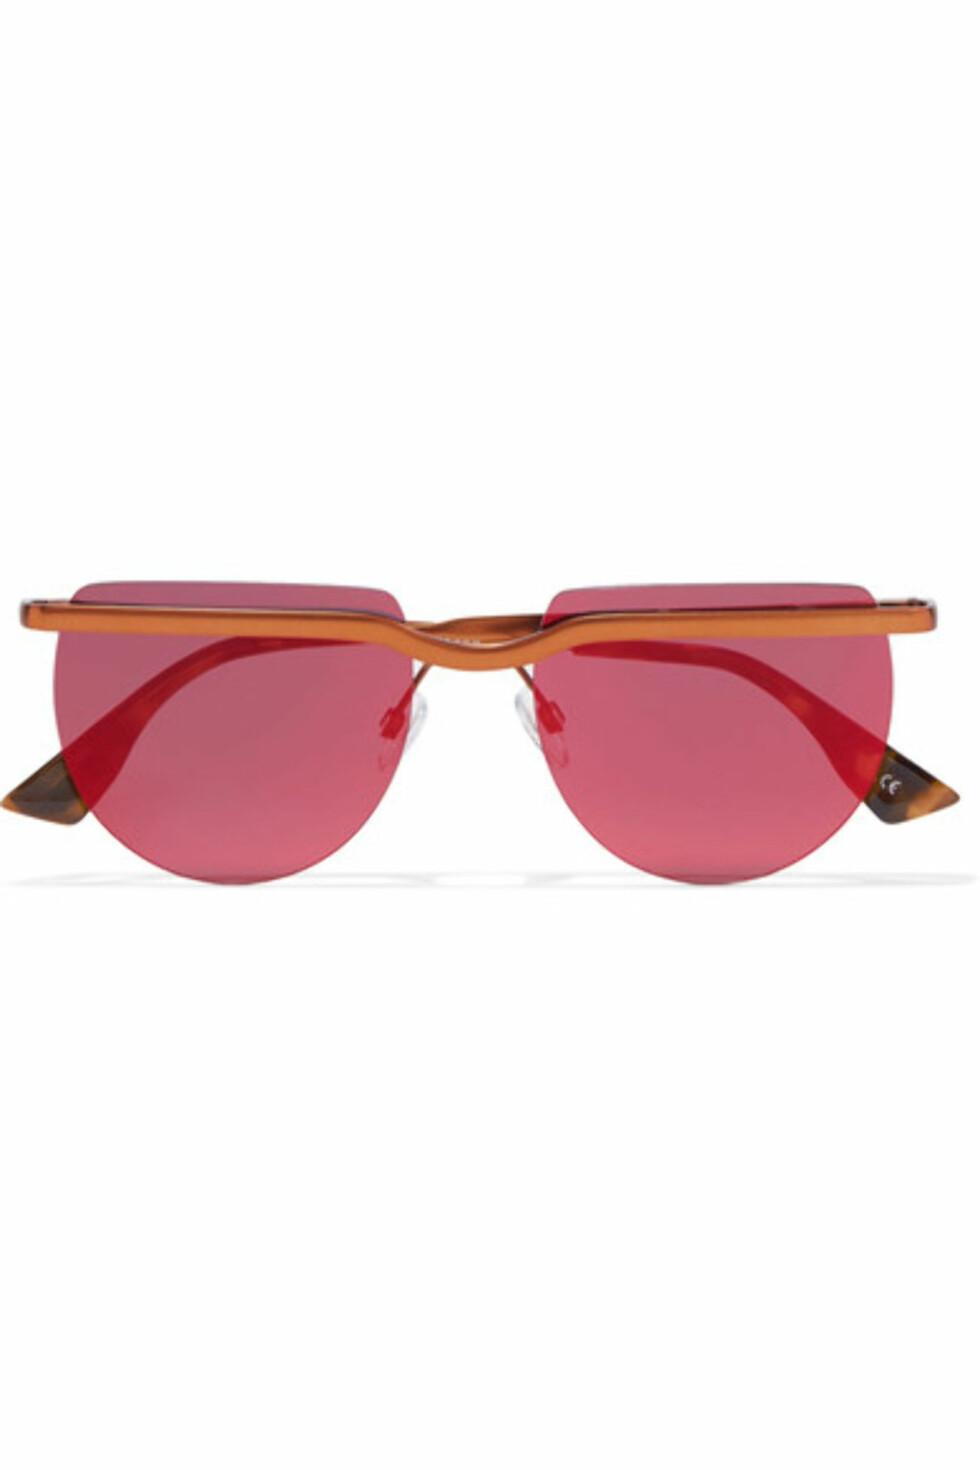 Solbriller fra Le Specs via Net-a-porter.com | kr 692 | https://www.net-a-porter.com/no/en/product/865486/le_specs/mafia-moderne-round-frame-copper-tone-sunglasses